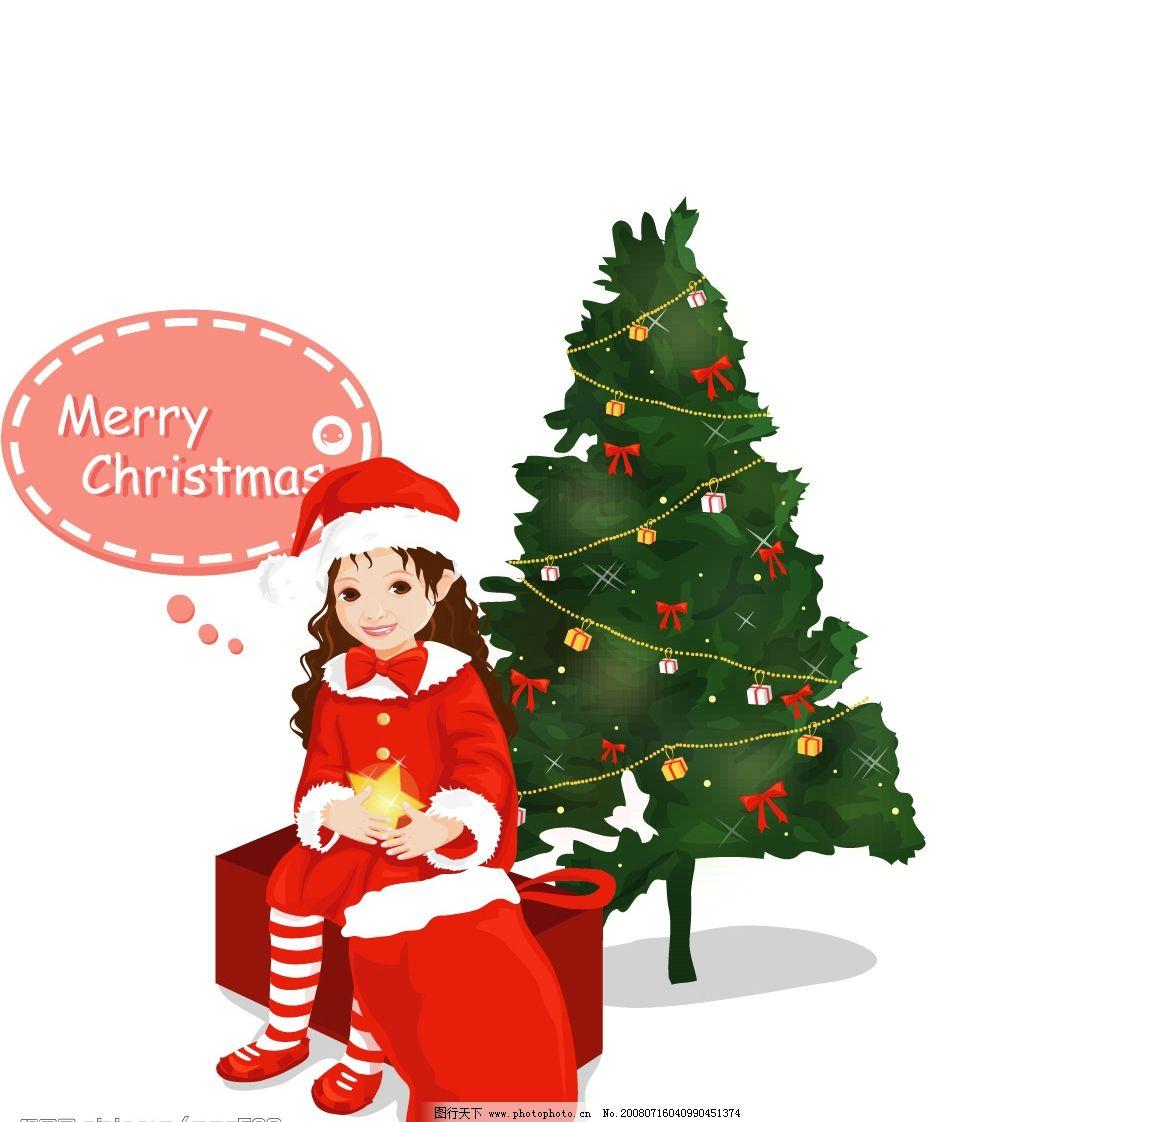 圣诞节女孩 圣诞节 圣诞树 节日素材 矢量素材 矢量人物 儿童幼儿